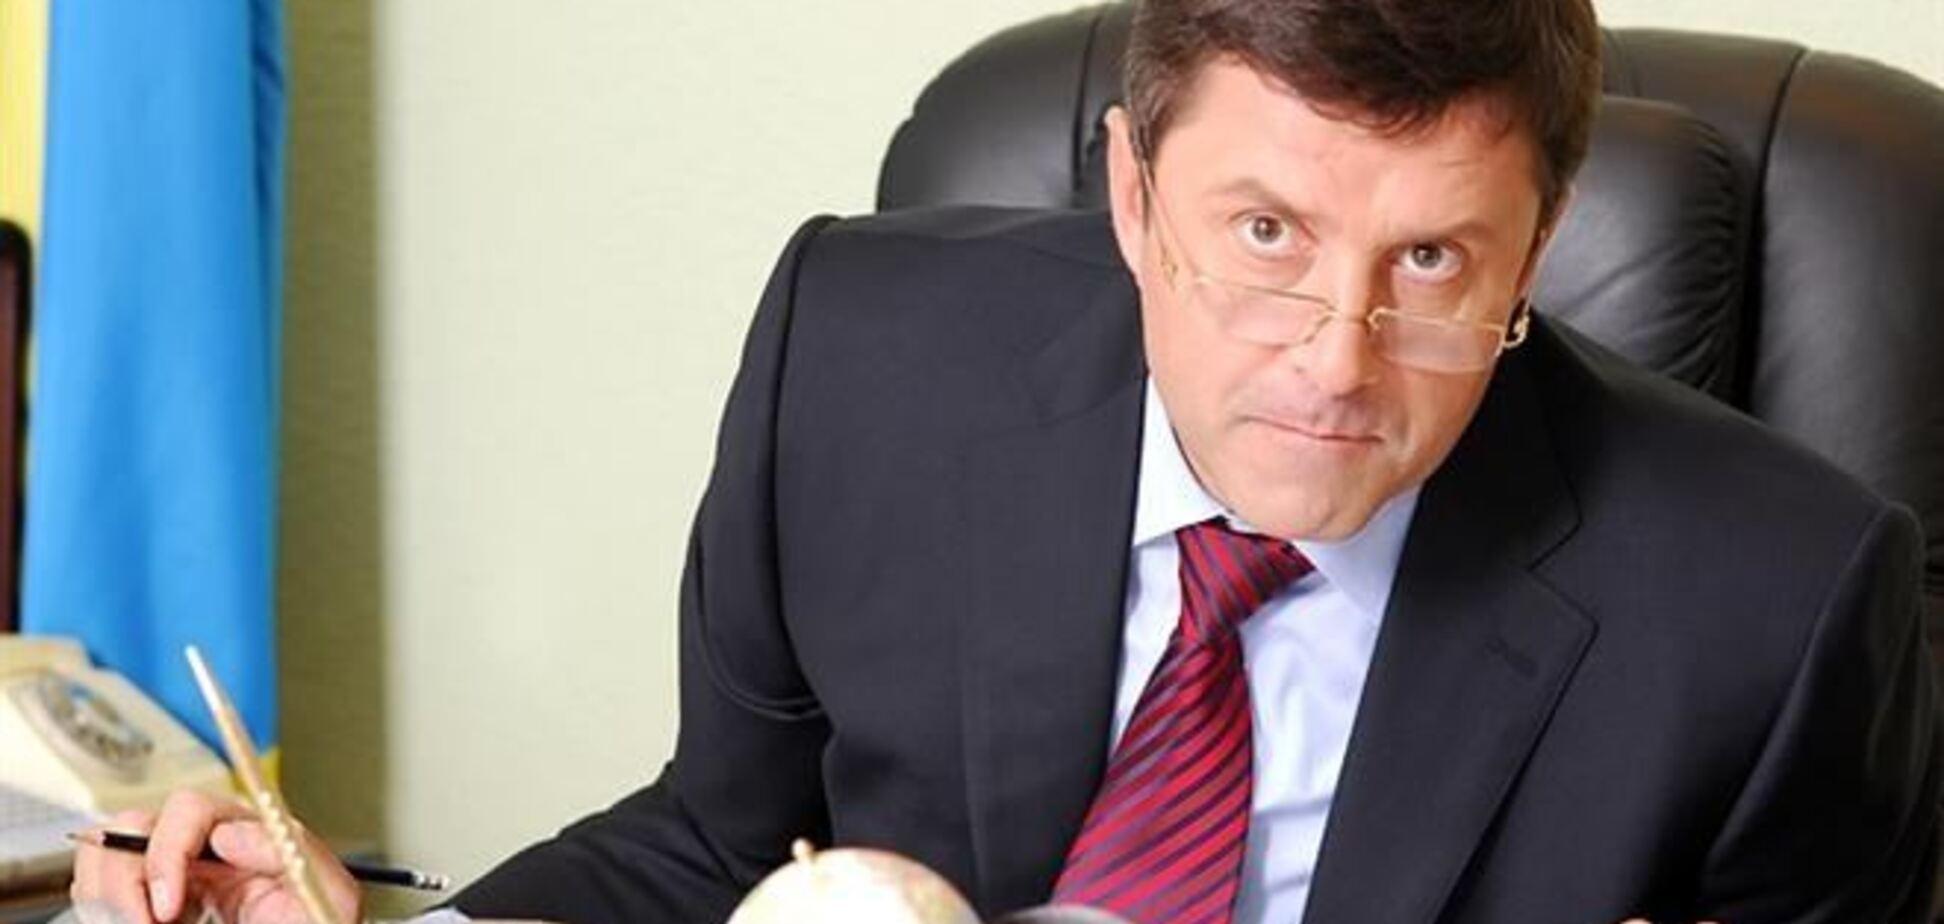 Пилипишин зарегистрирован кандидатом в нардепы в 223-ем округе